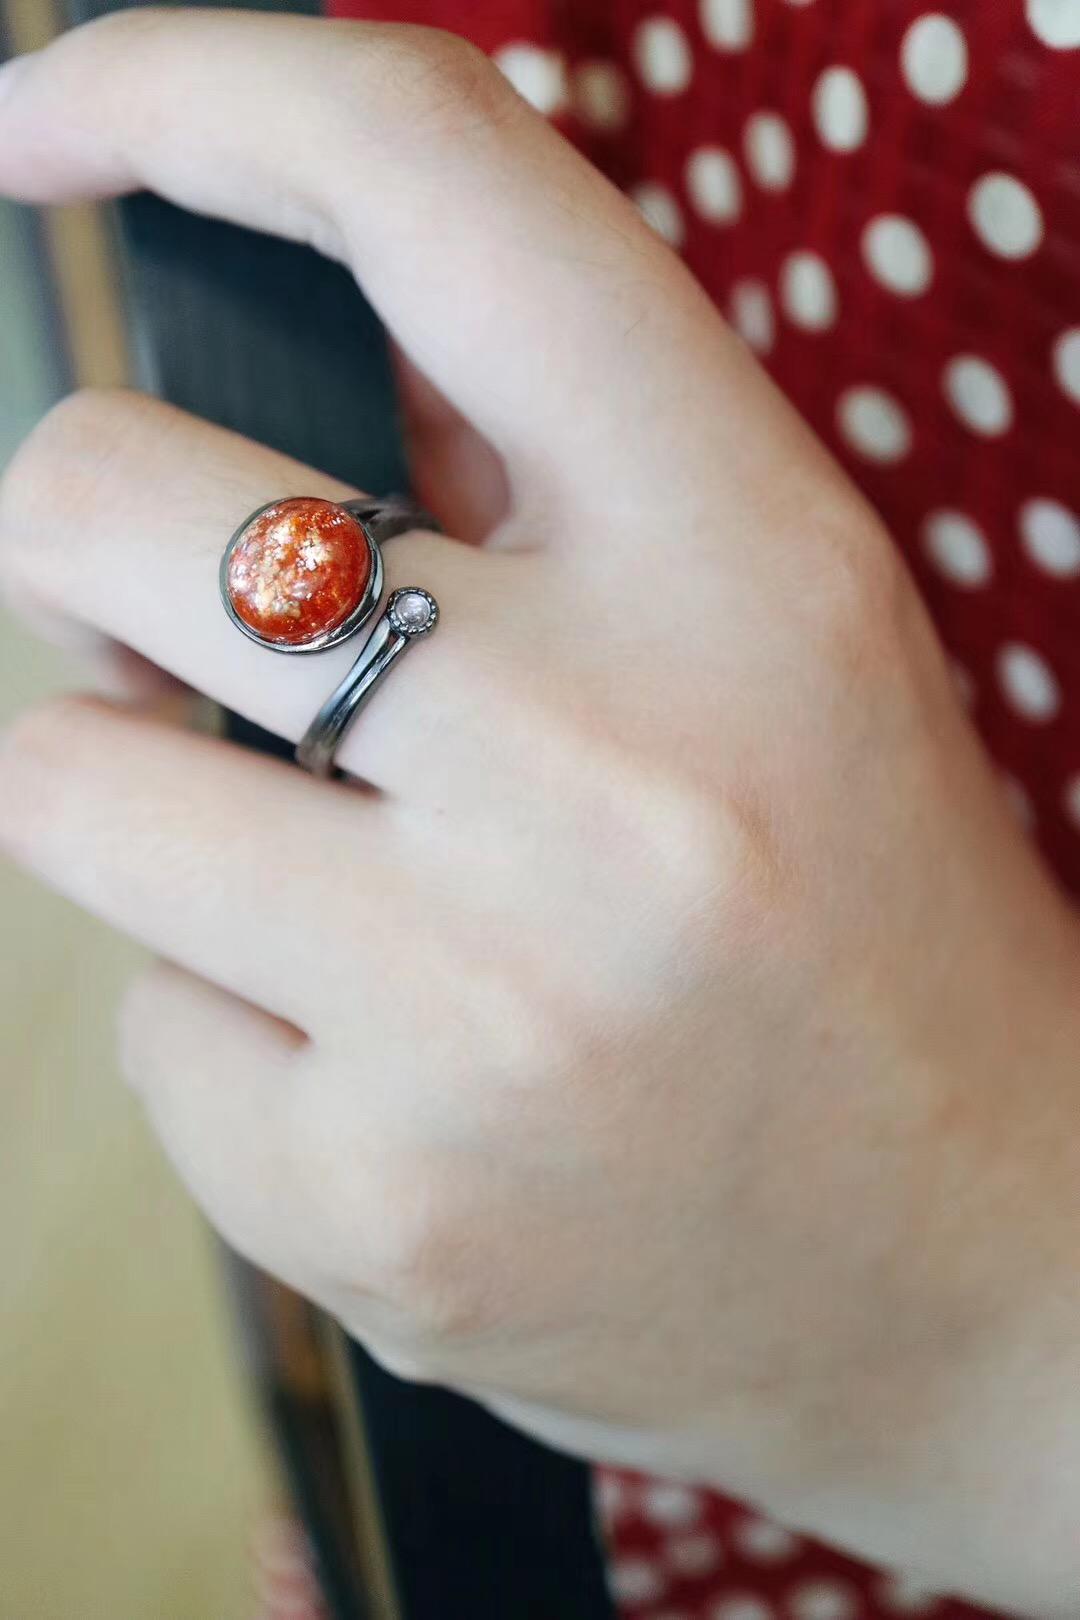 菩心-太阳石、月光石&18k黑金戒,万众期待的日月同辉-菩心晶舍